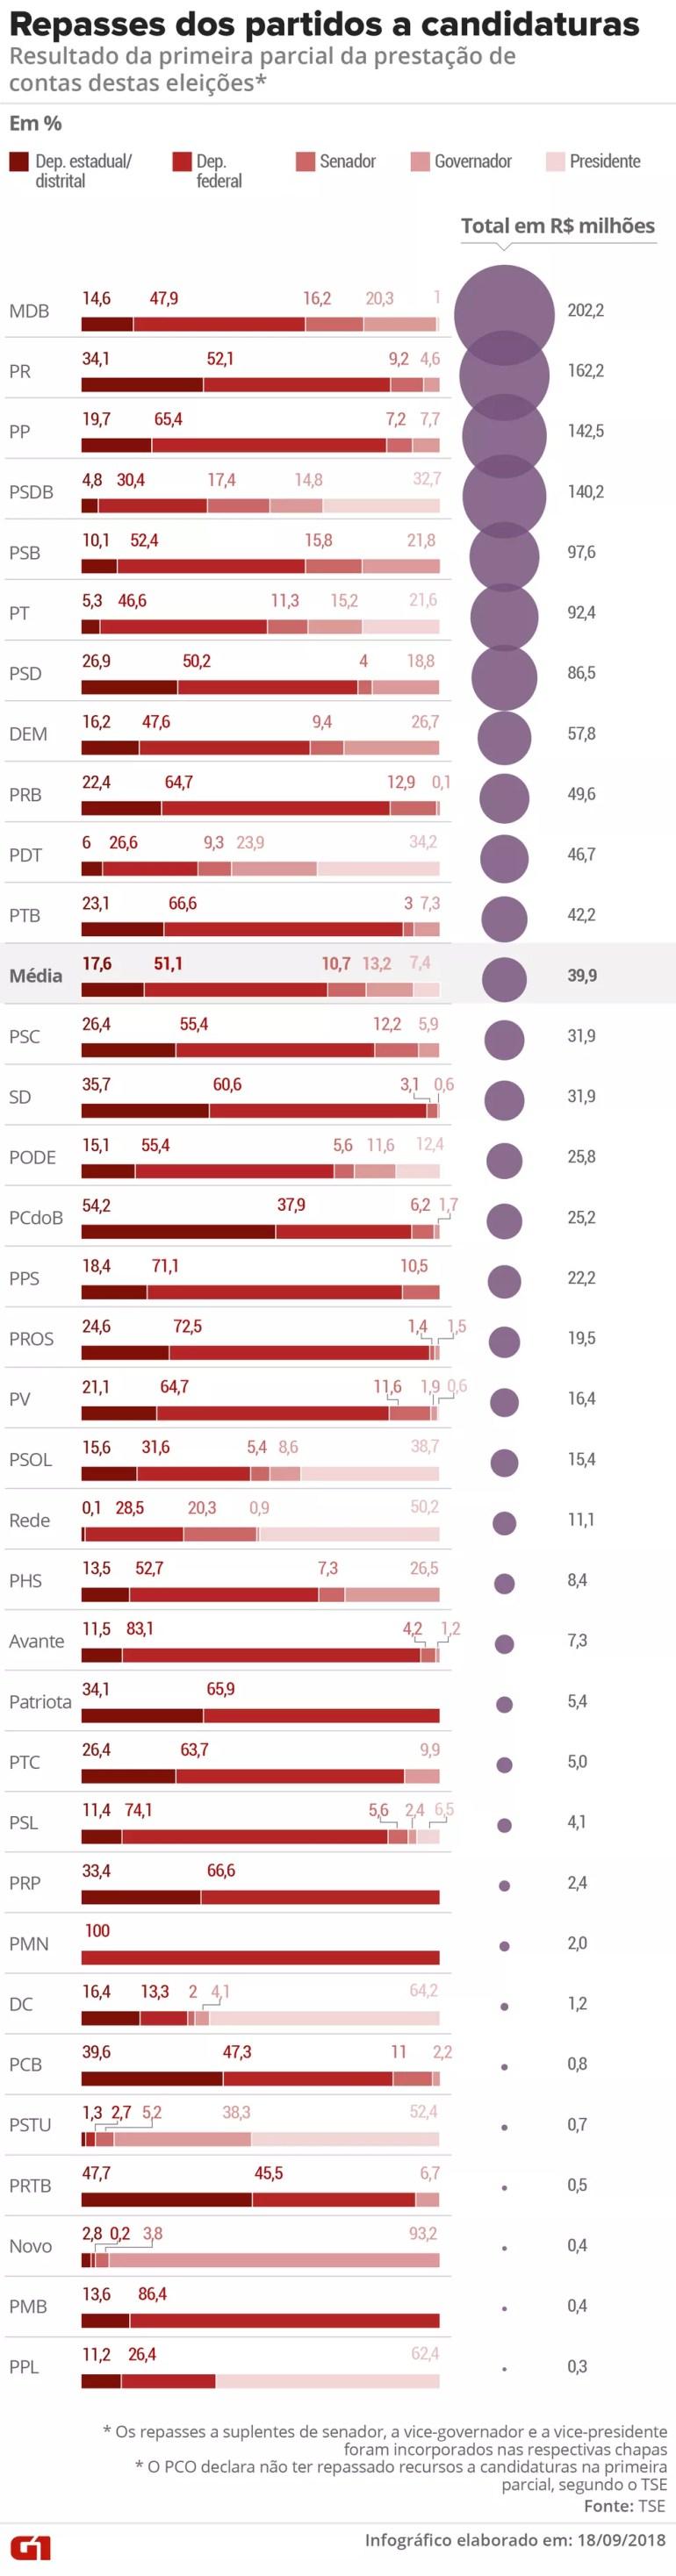 Repasses dos partidos a candidaturas: resultado da primeira parcial da prestação de contas dos partidos nas eleições de 2018 — Foto: Betta Jaworski / G1